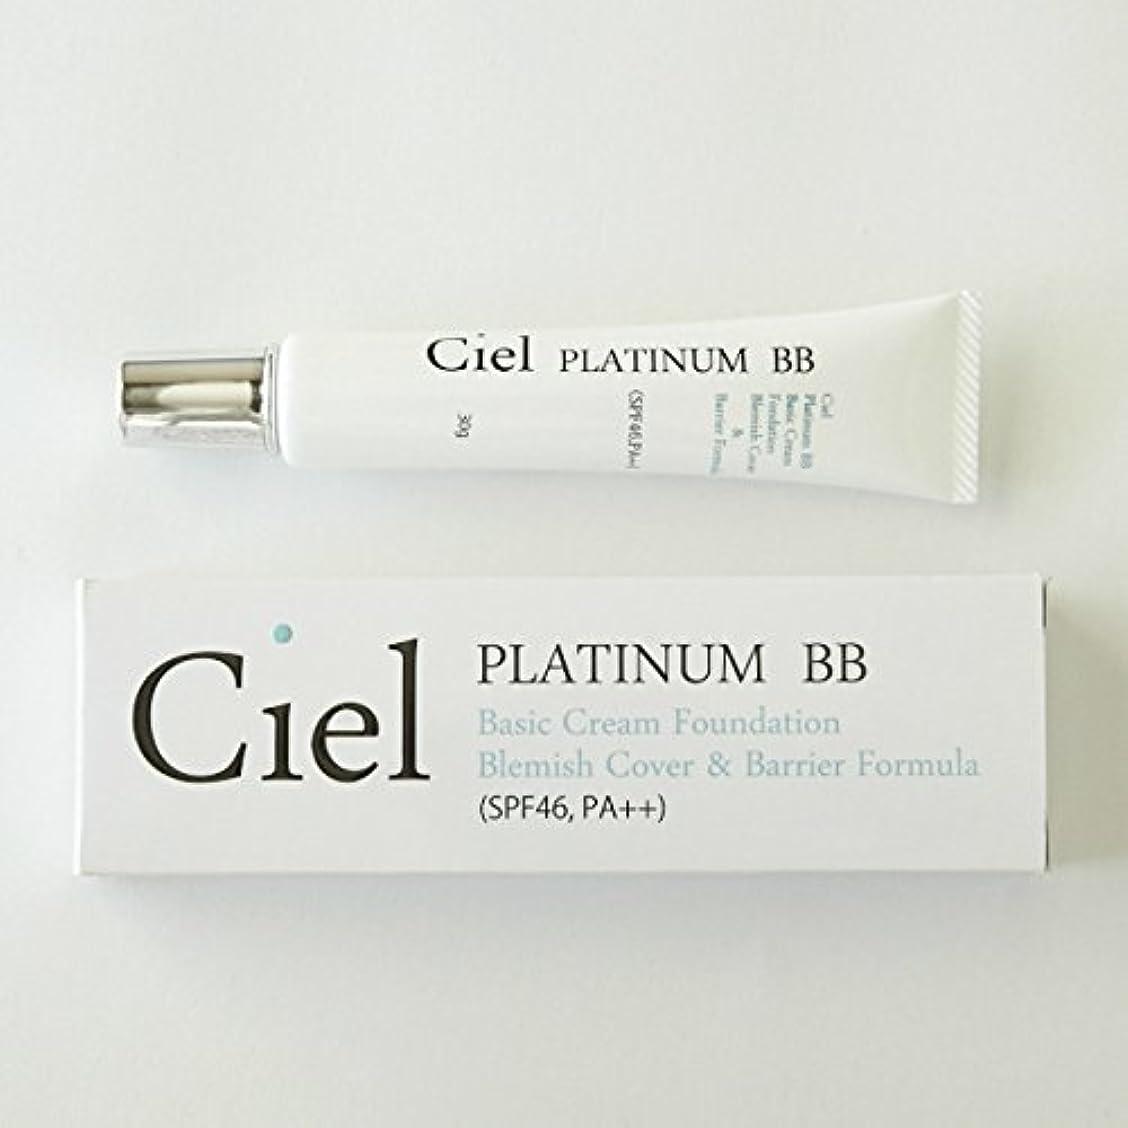 マントルボード航空Ciel Salon de Beaute Ciel PLATINUM BB SPF46 BBクリーム ファンデーション 日本製 日焼け止め